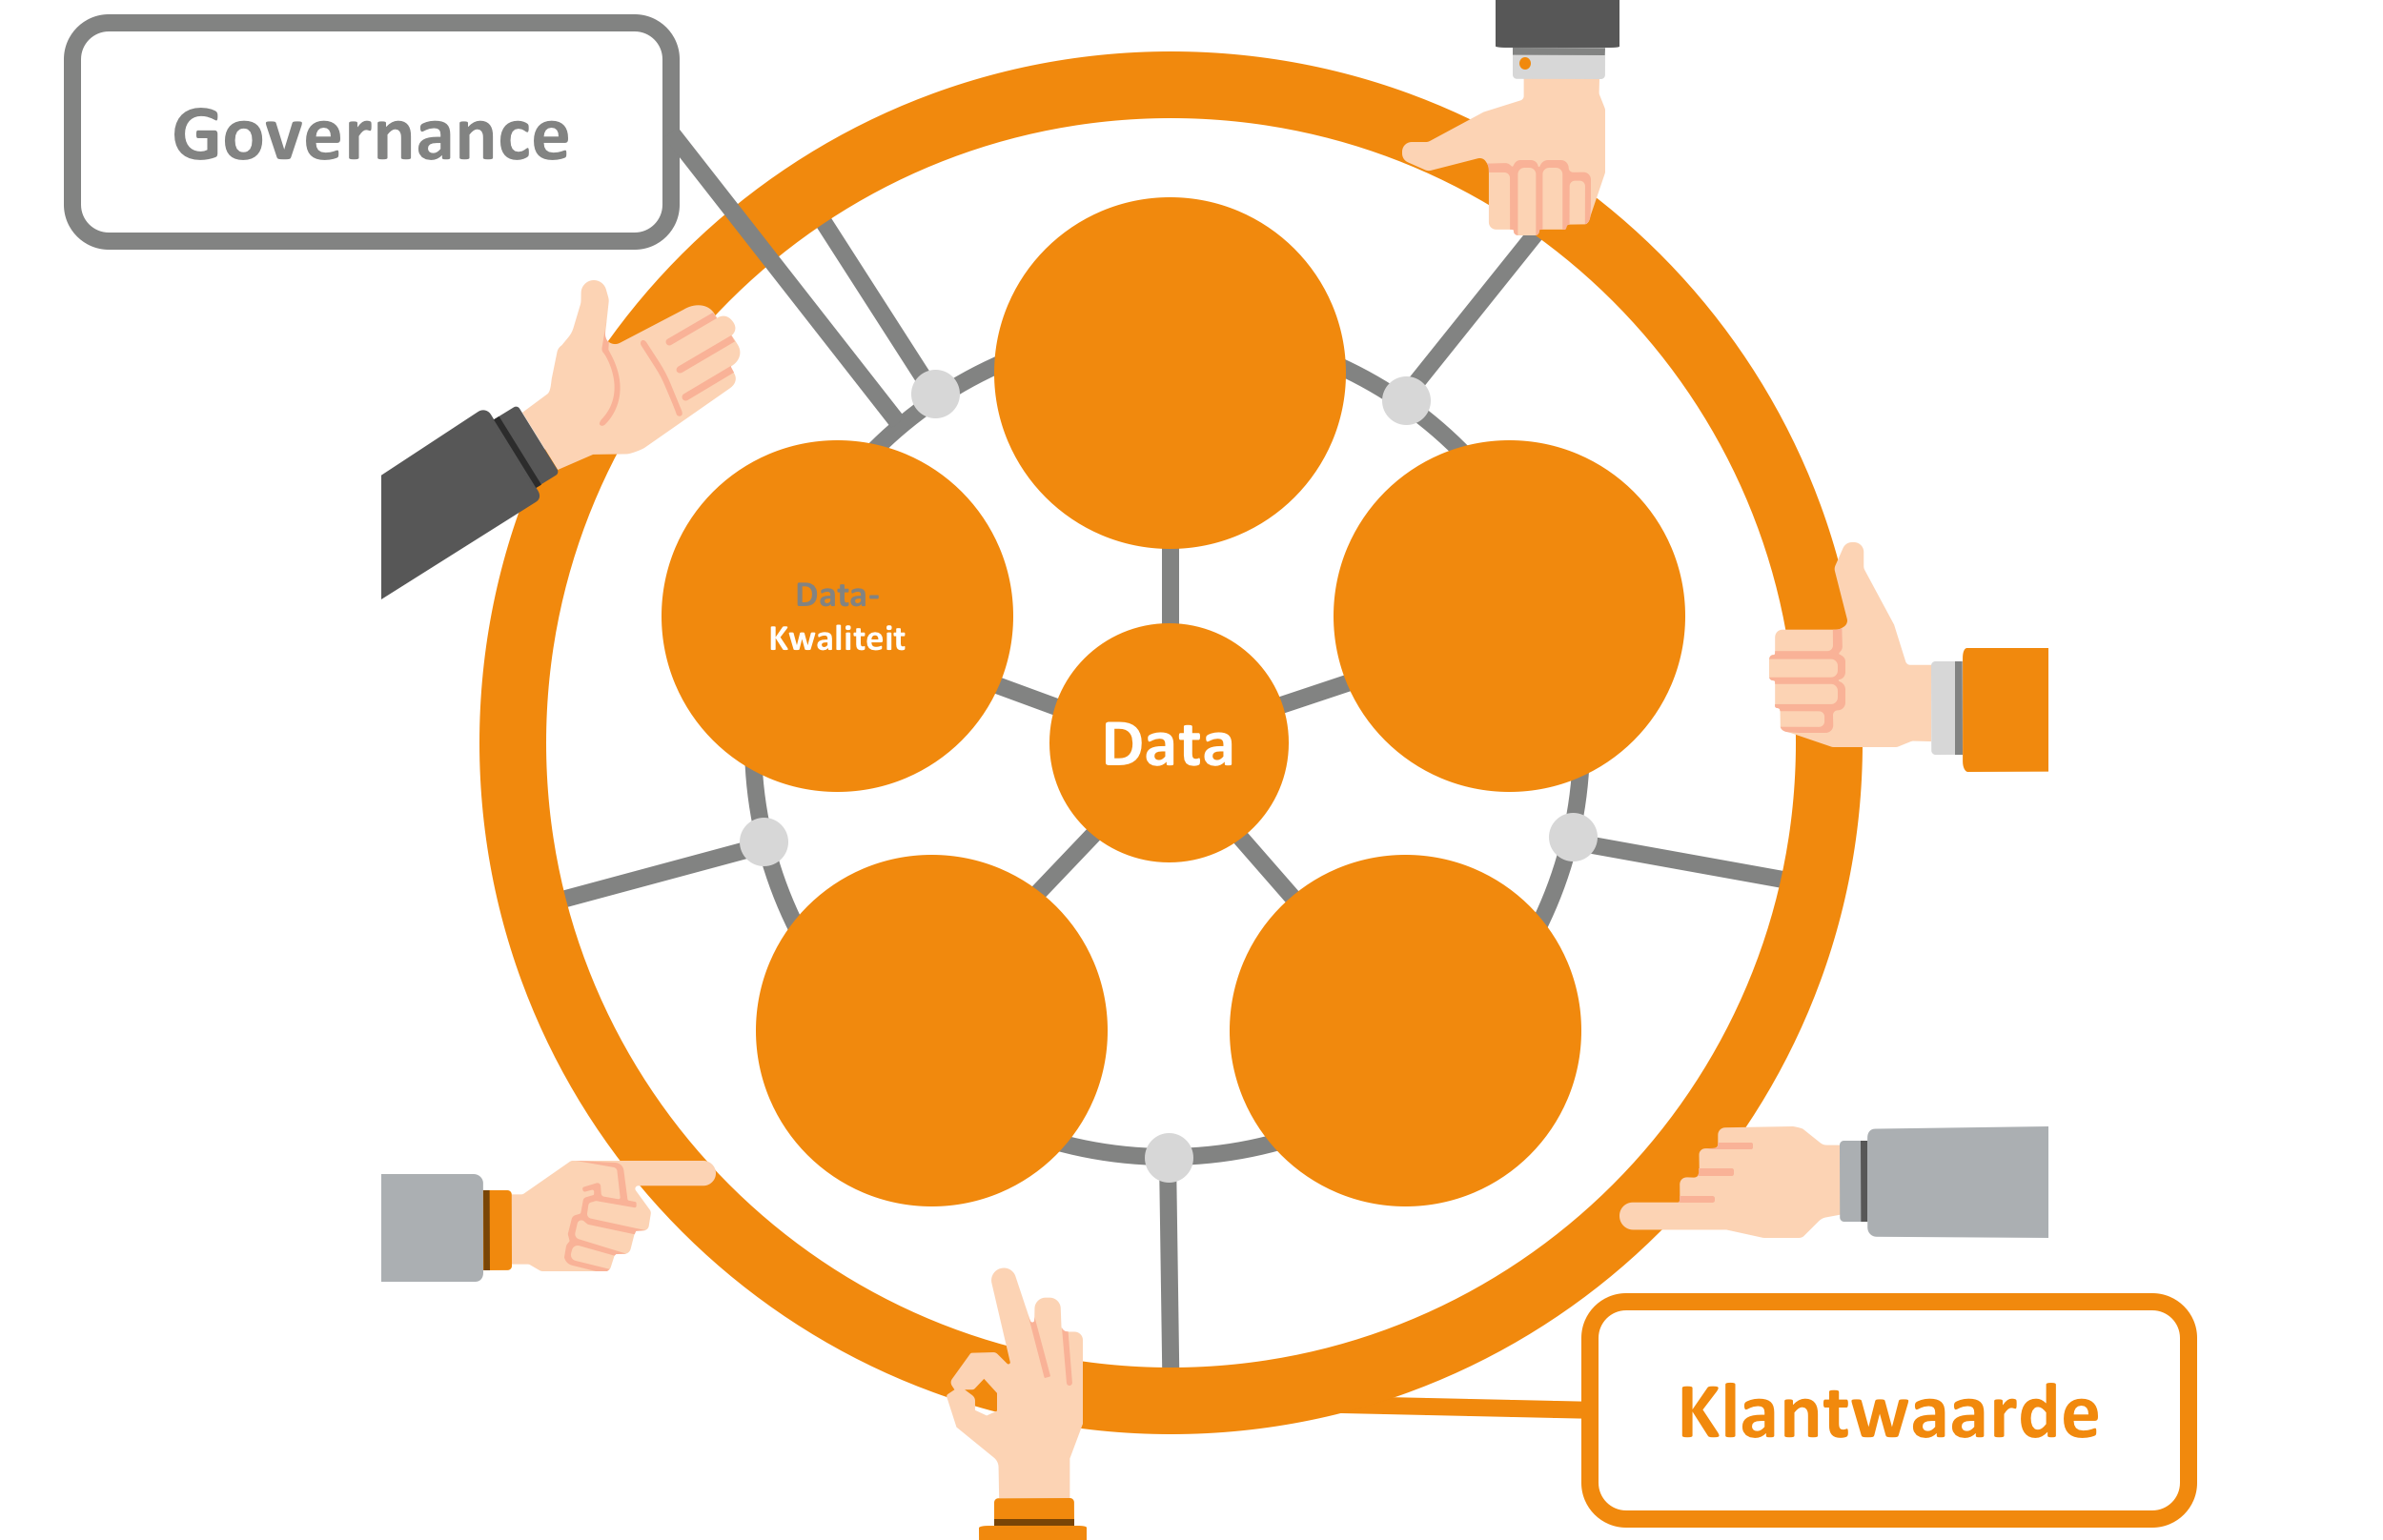 Om klantwaarde te genereren is het essentieel dat datakwaliteit op orde is